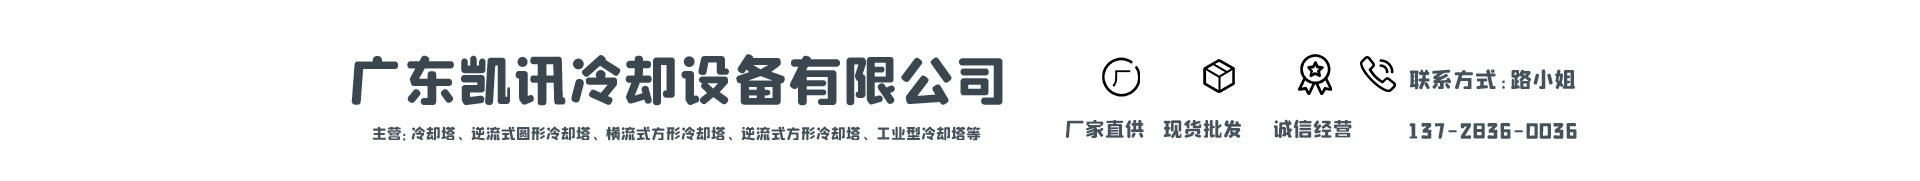 东莞市凯讯节能设备有限公司